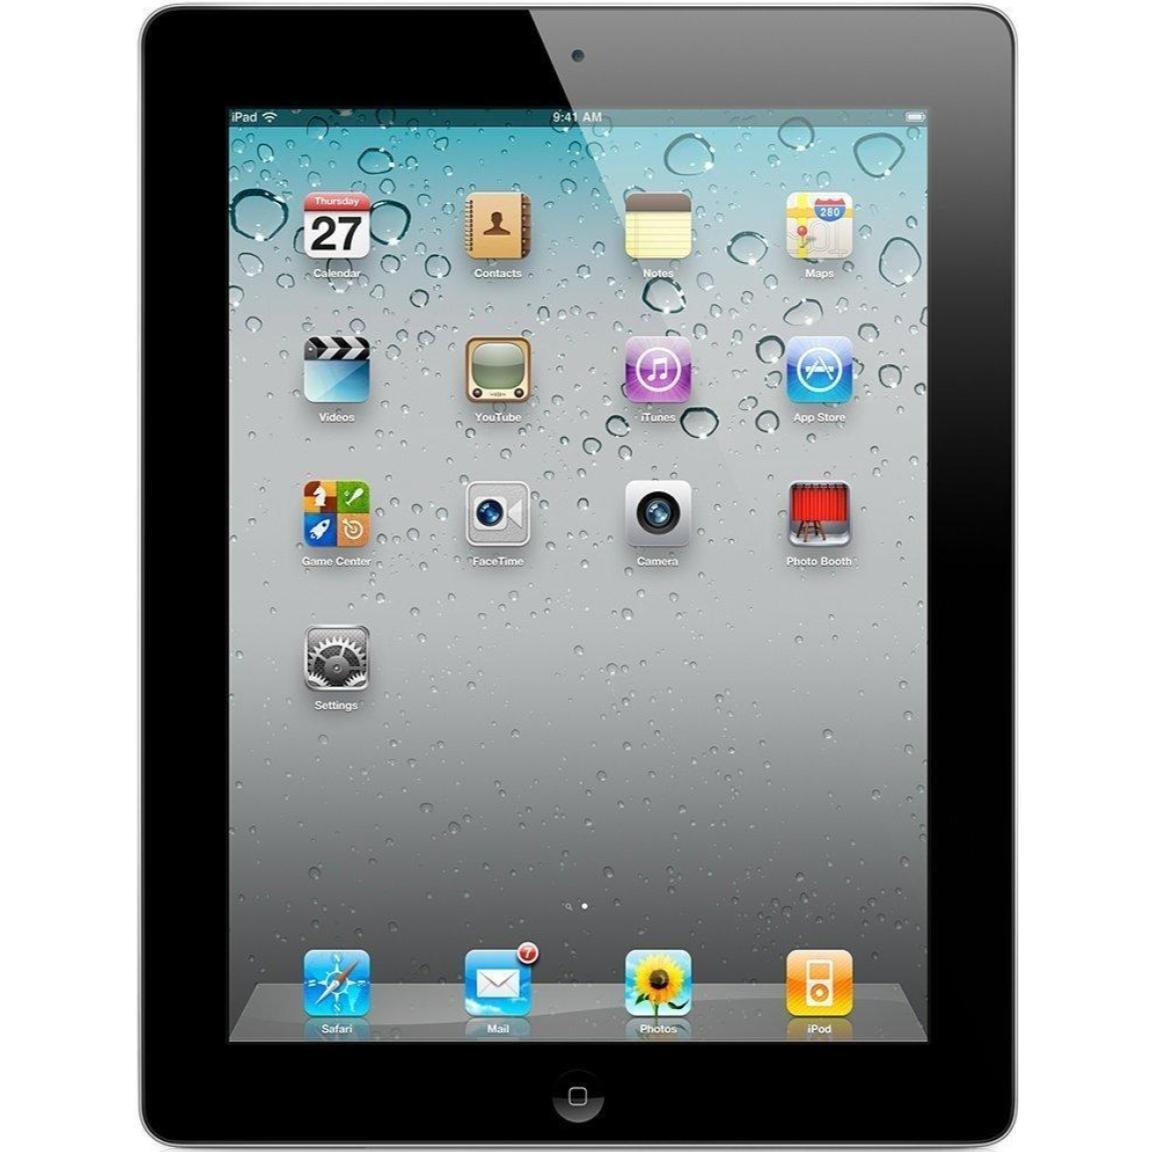 Apple iPad 2 - 16GB - Wi-Fi - 9.7in - Black (MC769LL/A) - 60 Day Returns!